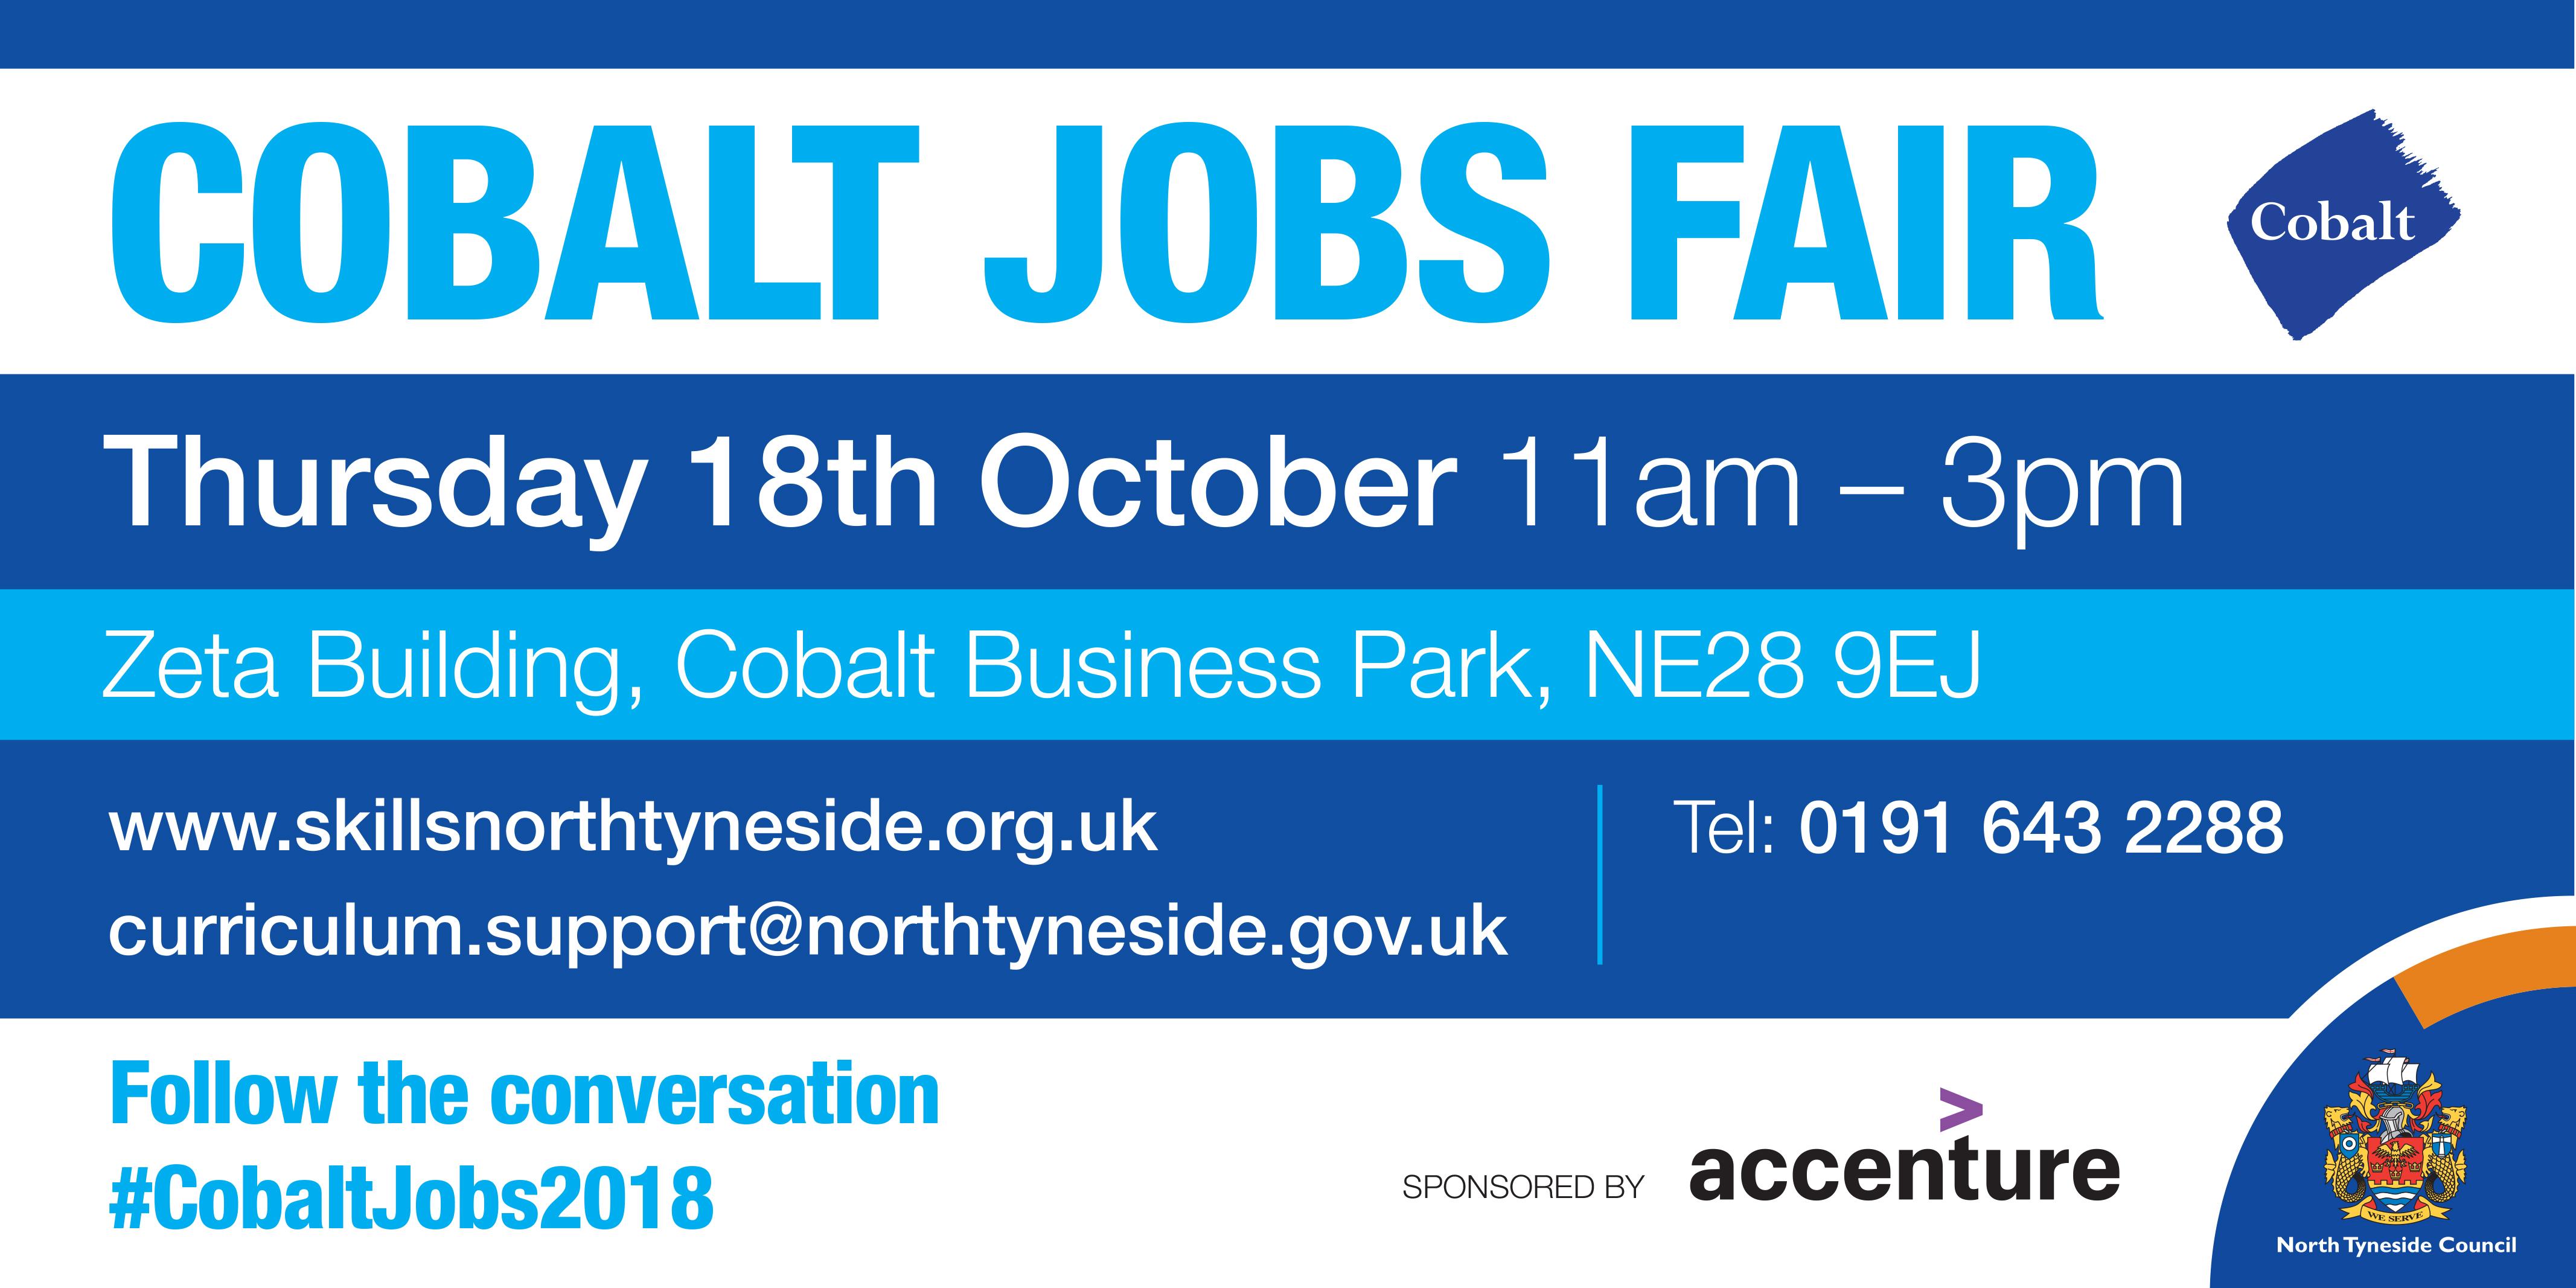 Cobalt Jobs Fair 2018 Huge Success